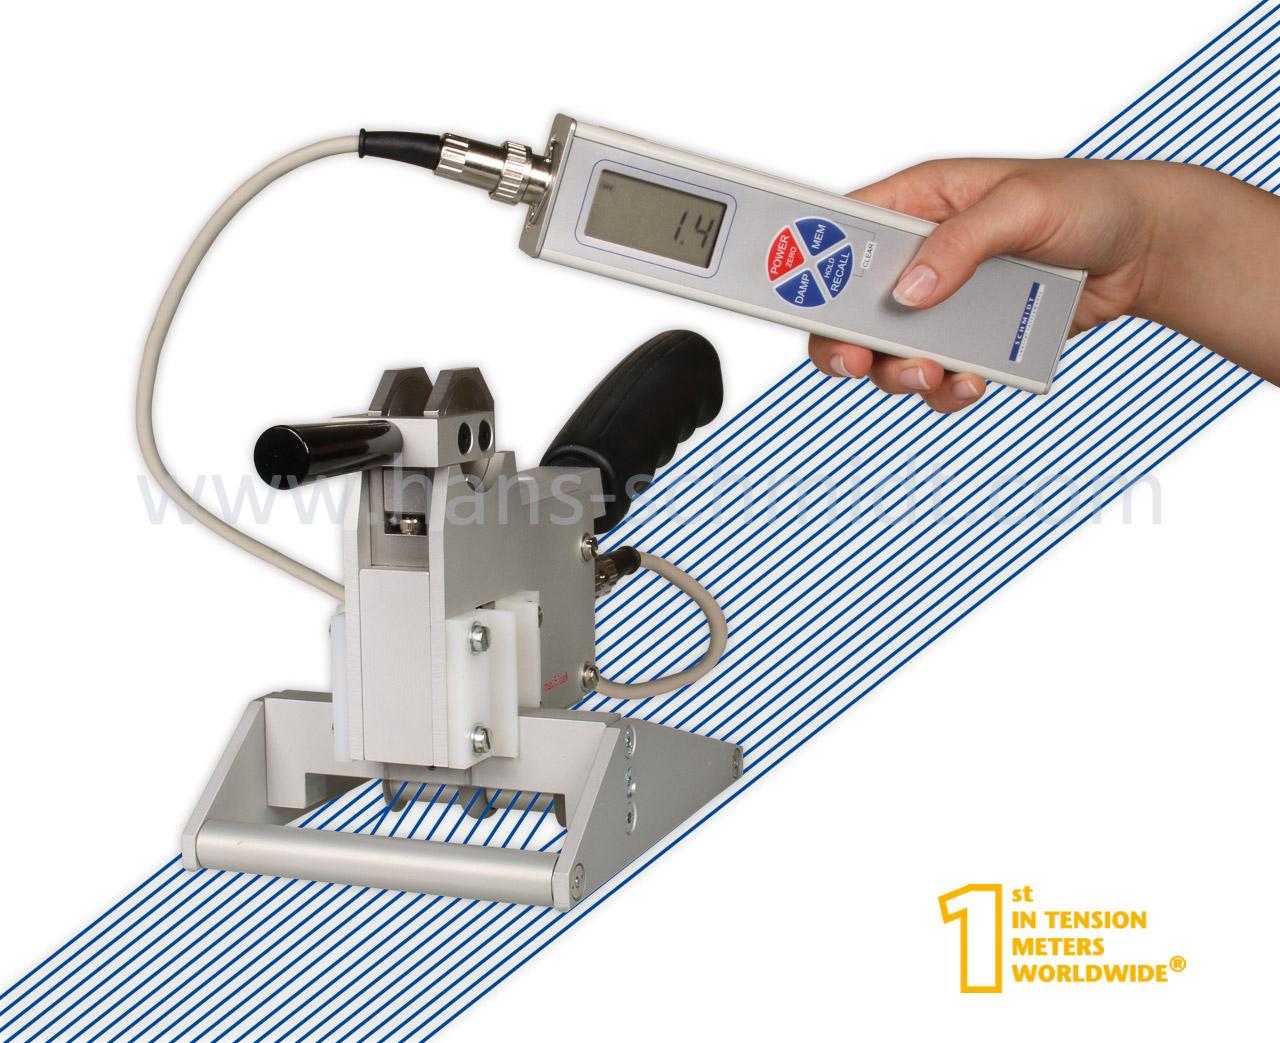 Tension Meter KXE, hand-held electronic device - Hans Schmidt